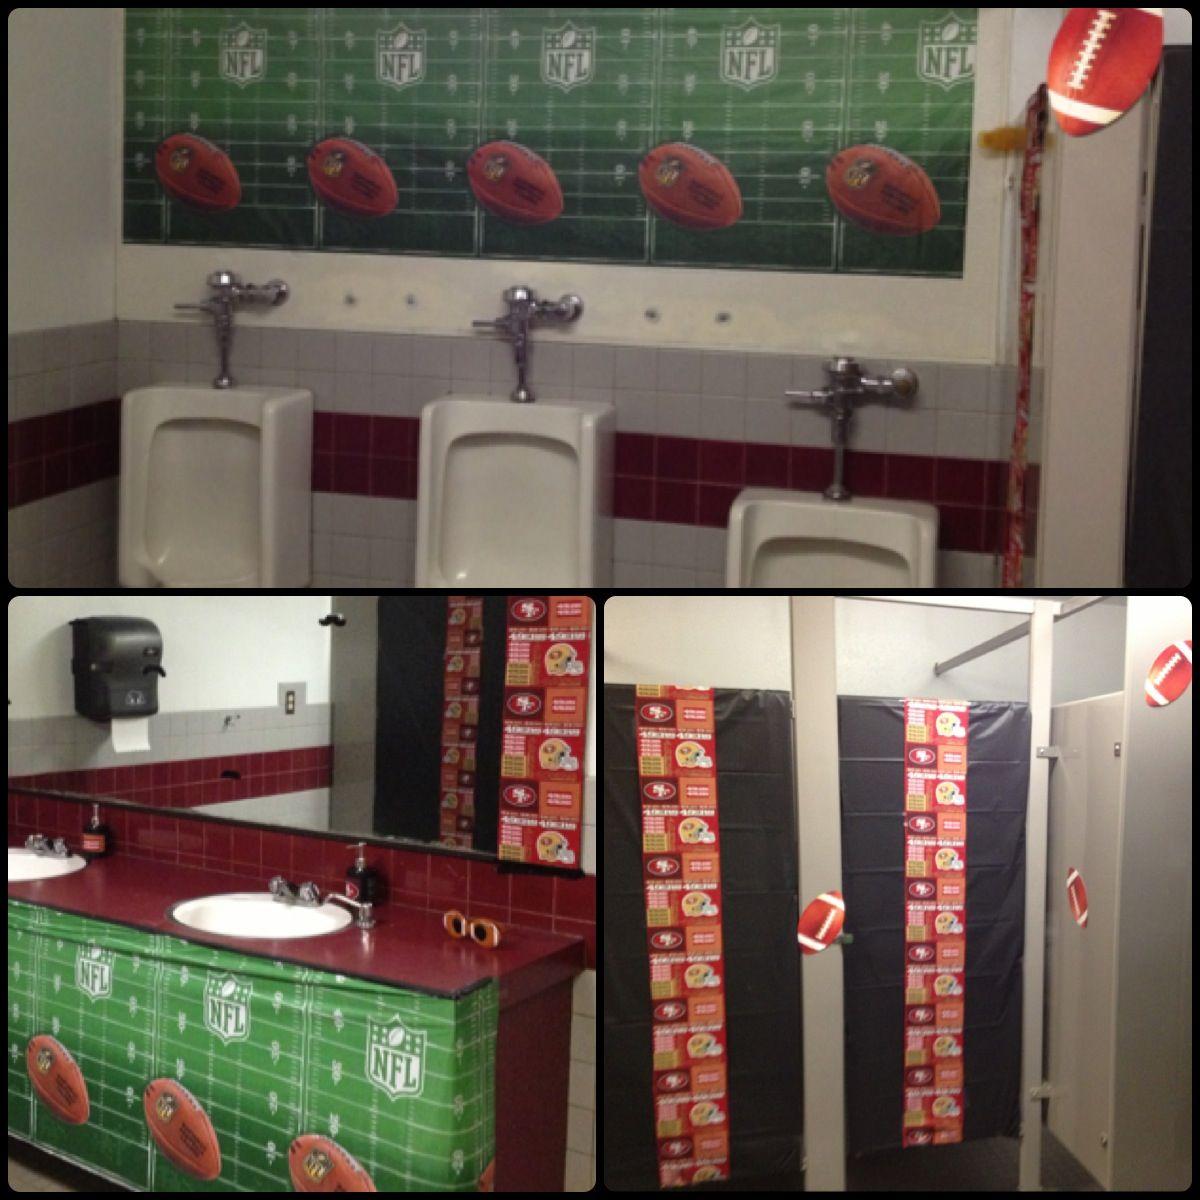 Football themed bathroom 49ers i 39 m ready to for Sports themed bathroom ideas